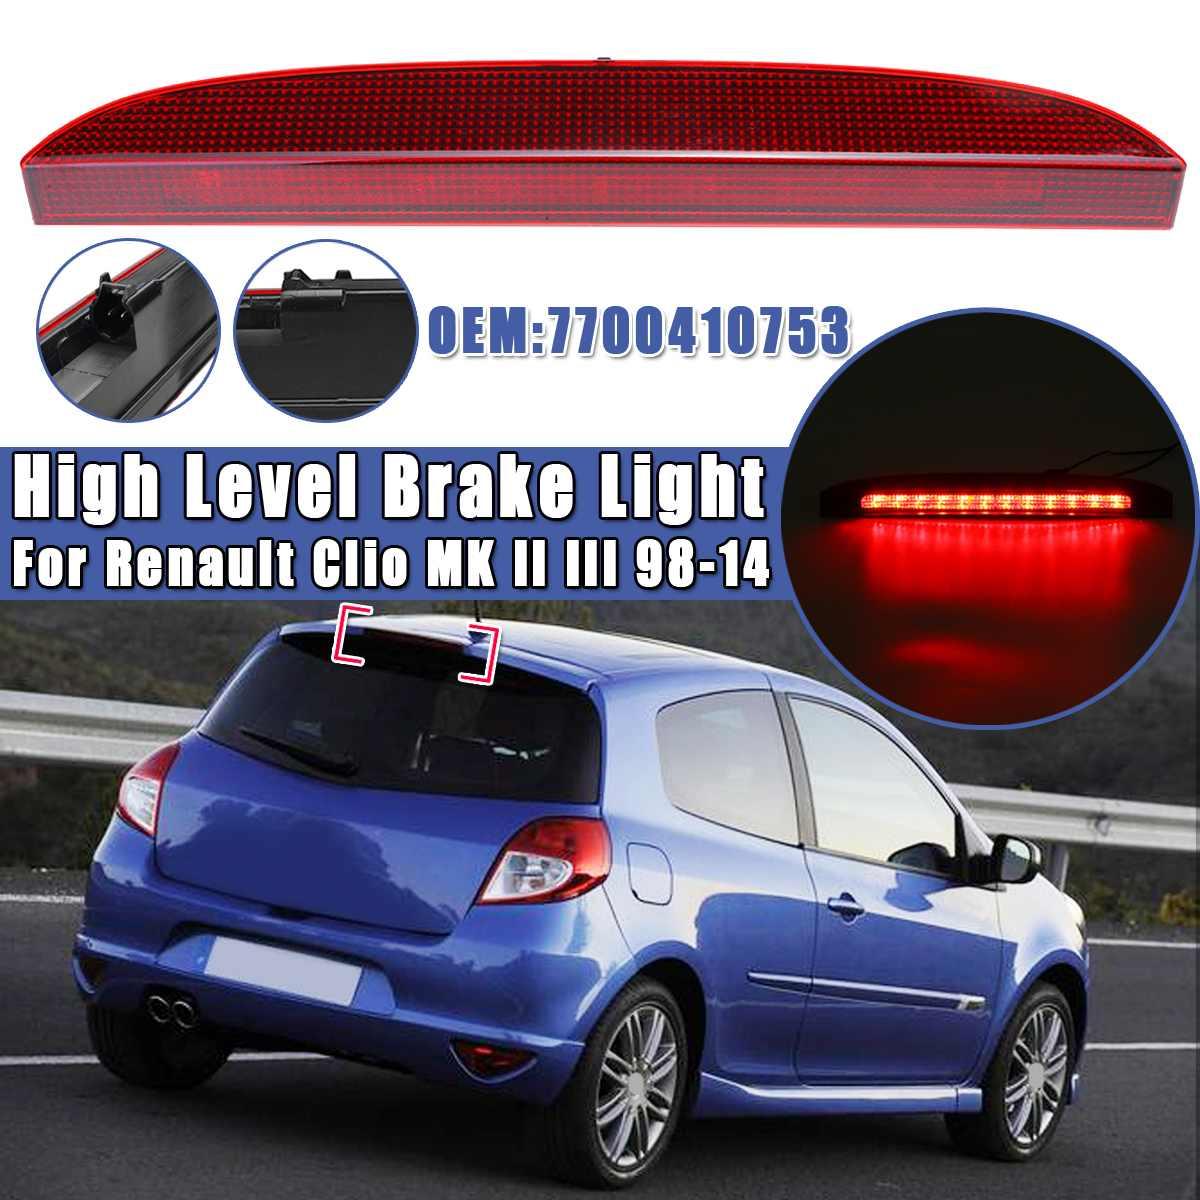 Luz de freno 3rd para Renault Clio MK II III 1998 1999 2000 2001 02-2014, luz de freno trasera de alto nivel 7700410753, 1 Uds., luz LED de freno para coche